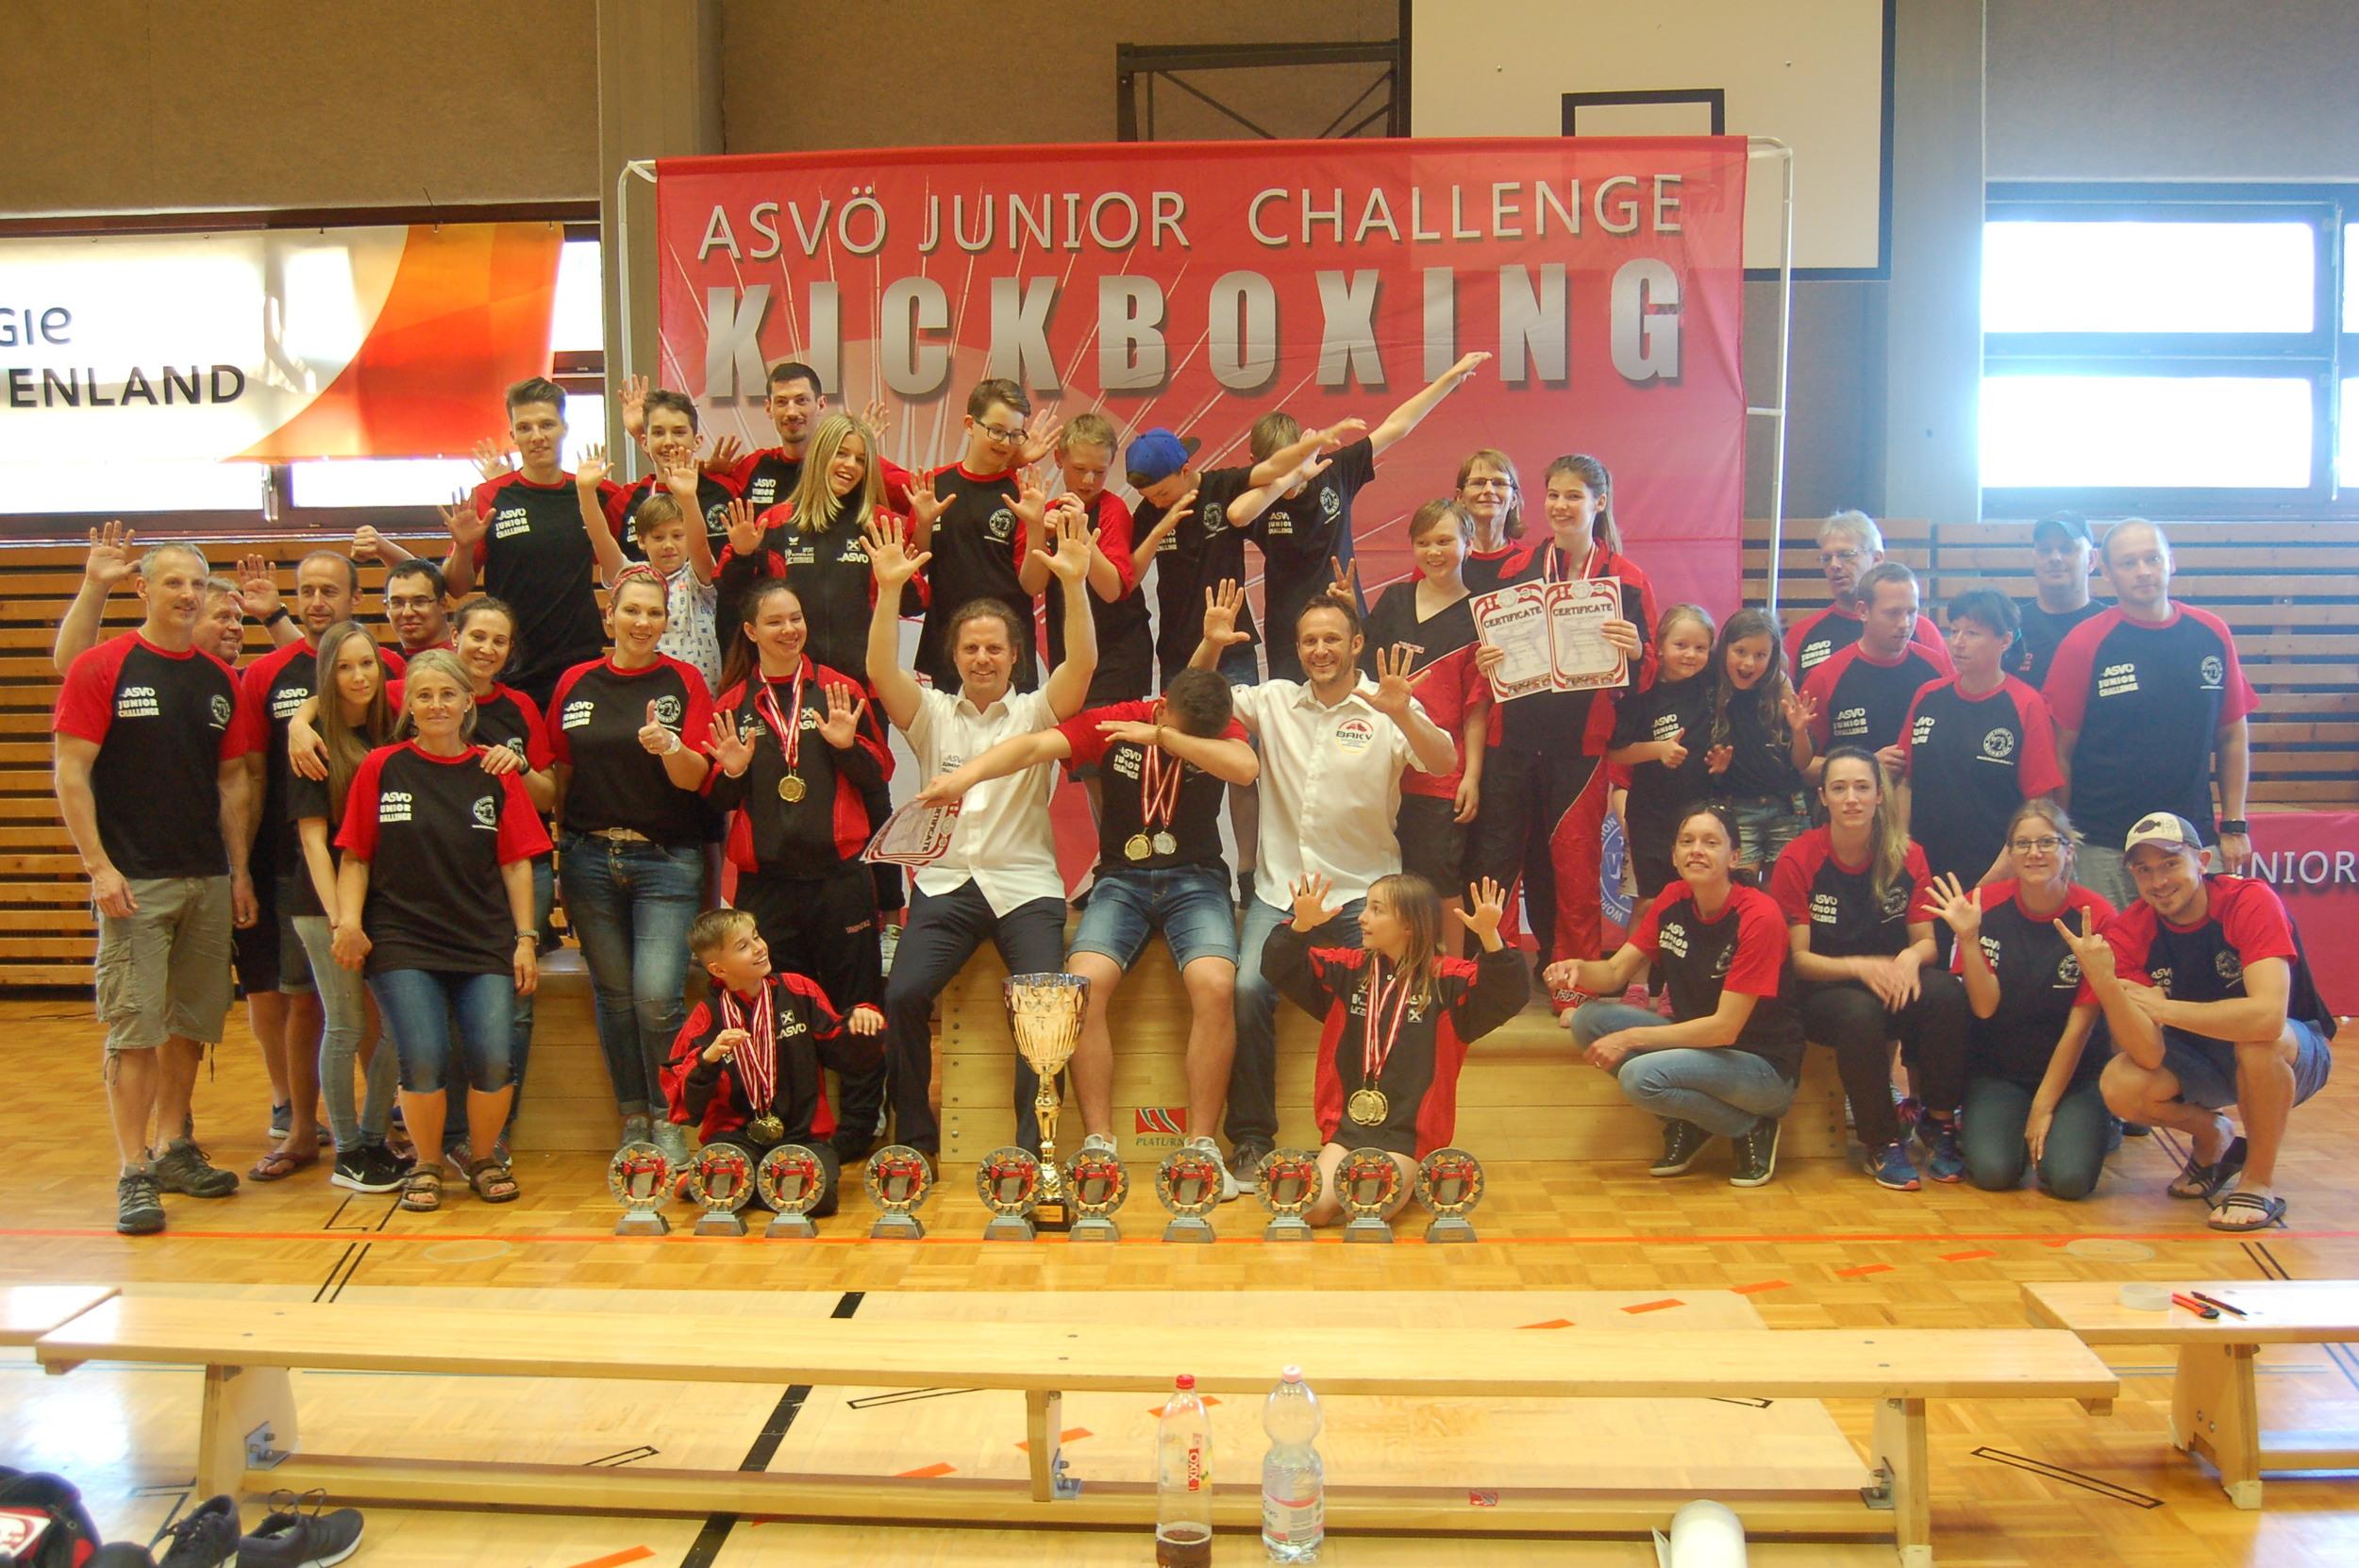 Team ASVÖ Kickbox Club Rohrbach ASVÖ JCh17